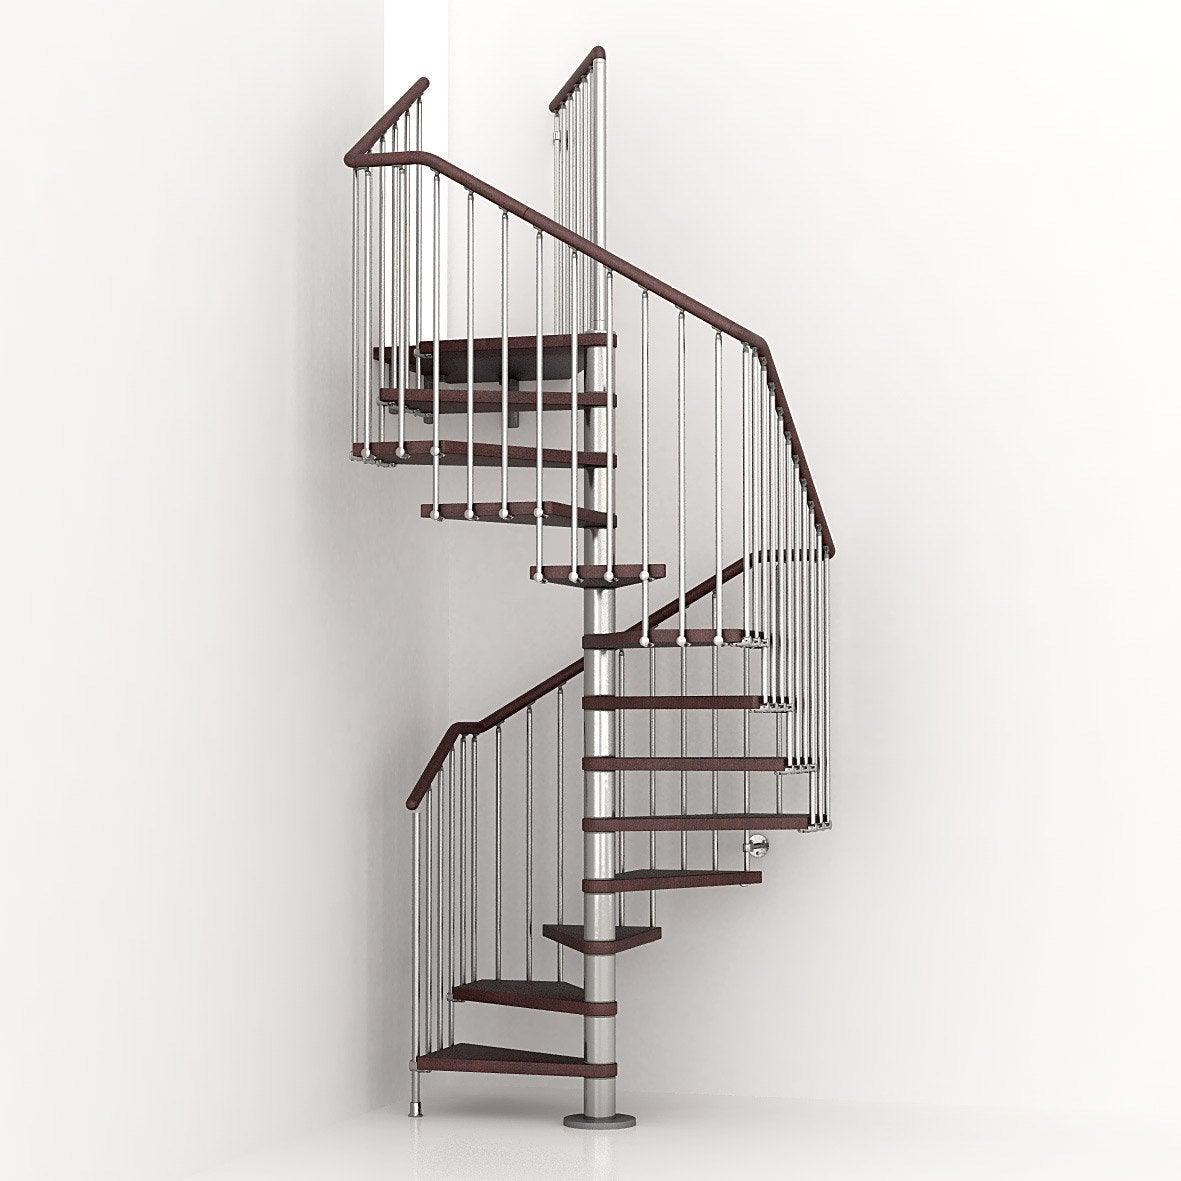 Escalier Bois Leroy Merlin : PIXIMA, colima?on carr? en bois et m?tal, 13 marches Leroy Merlin